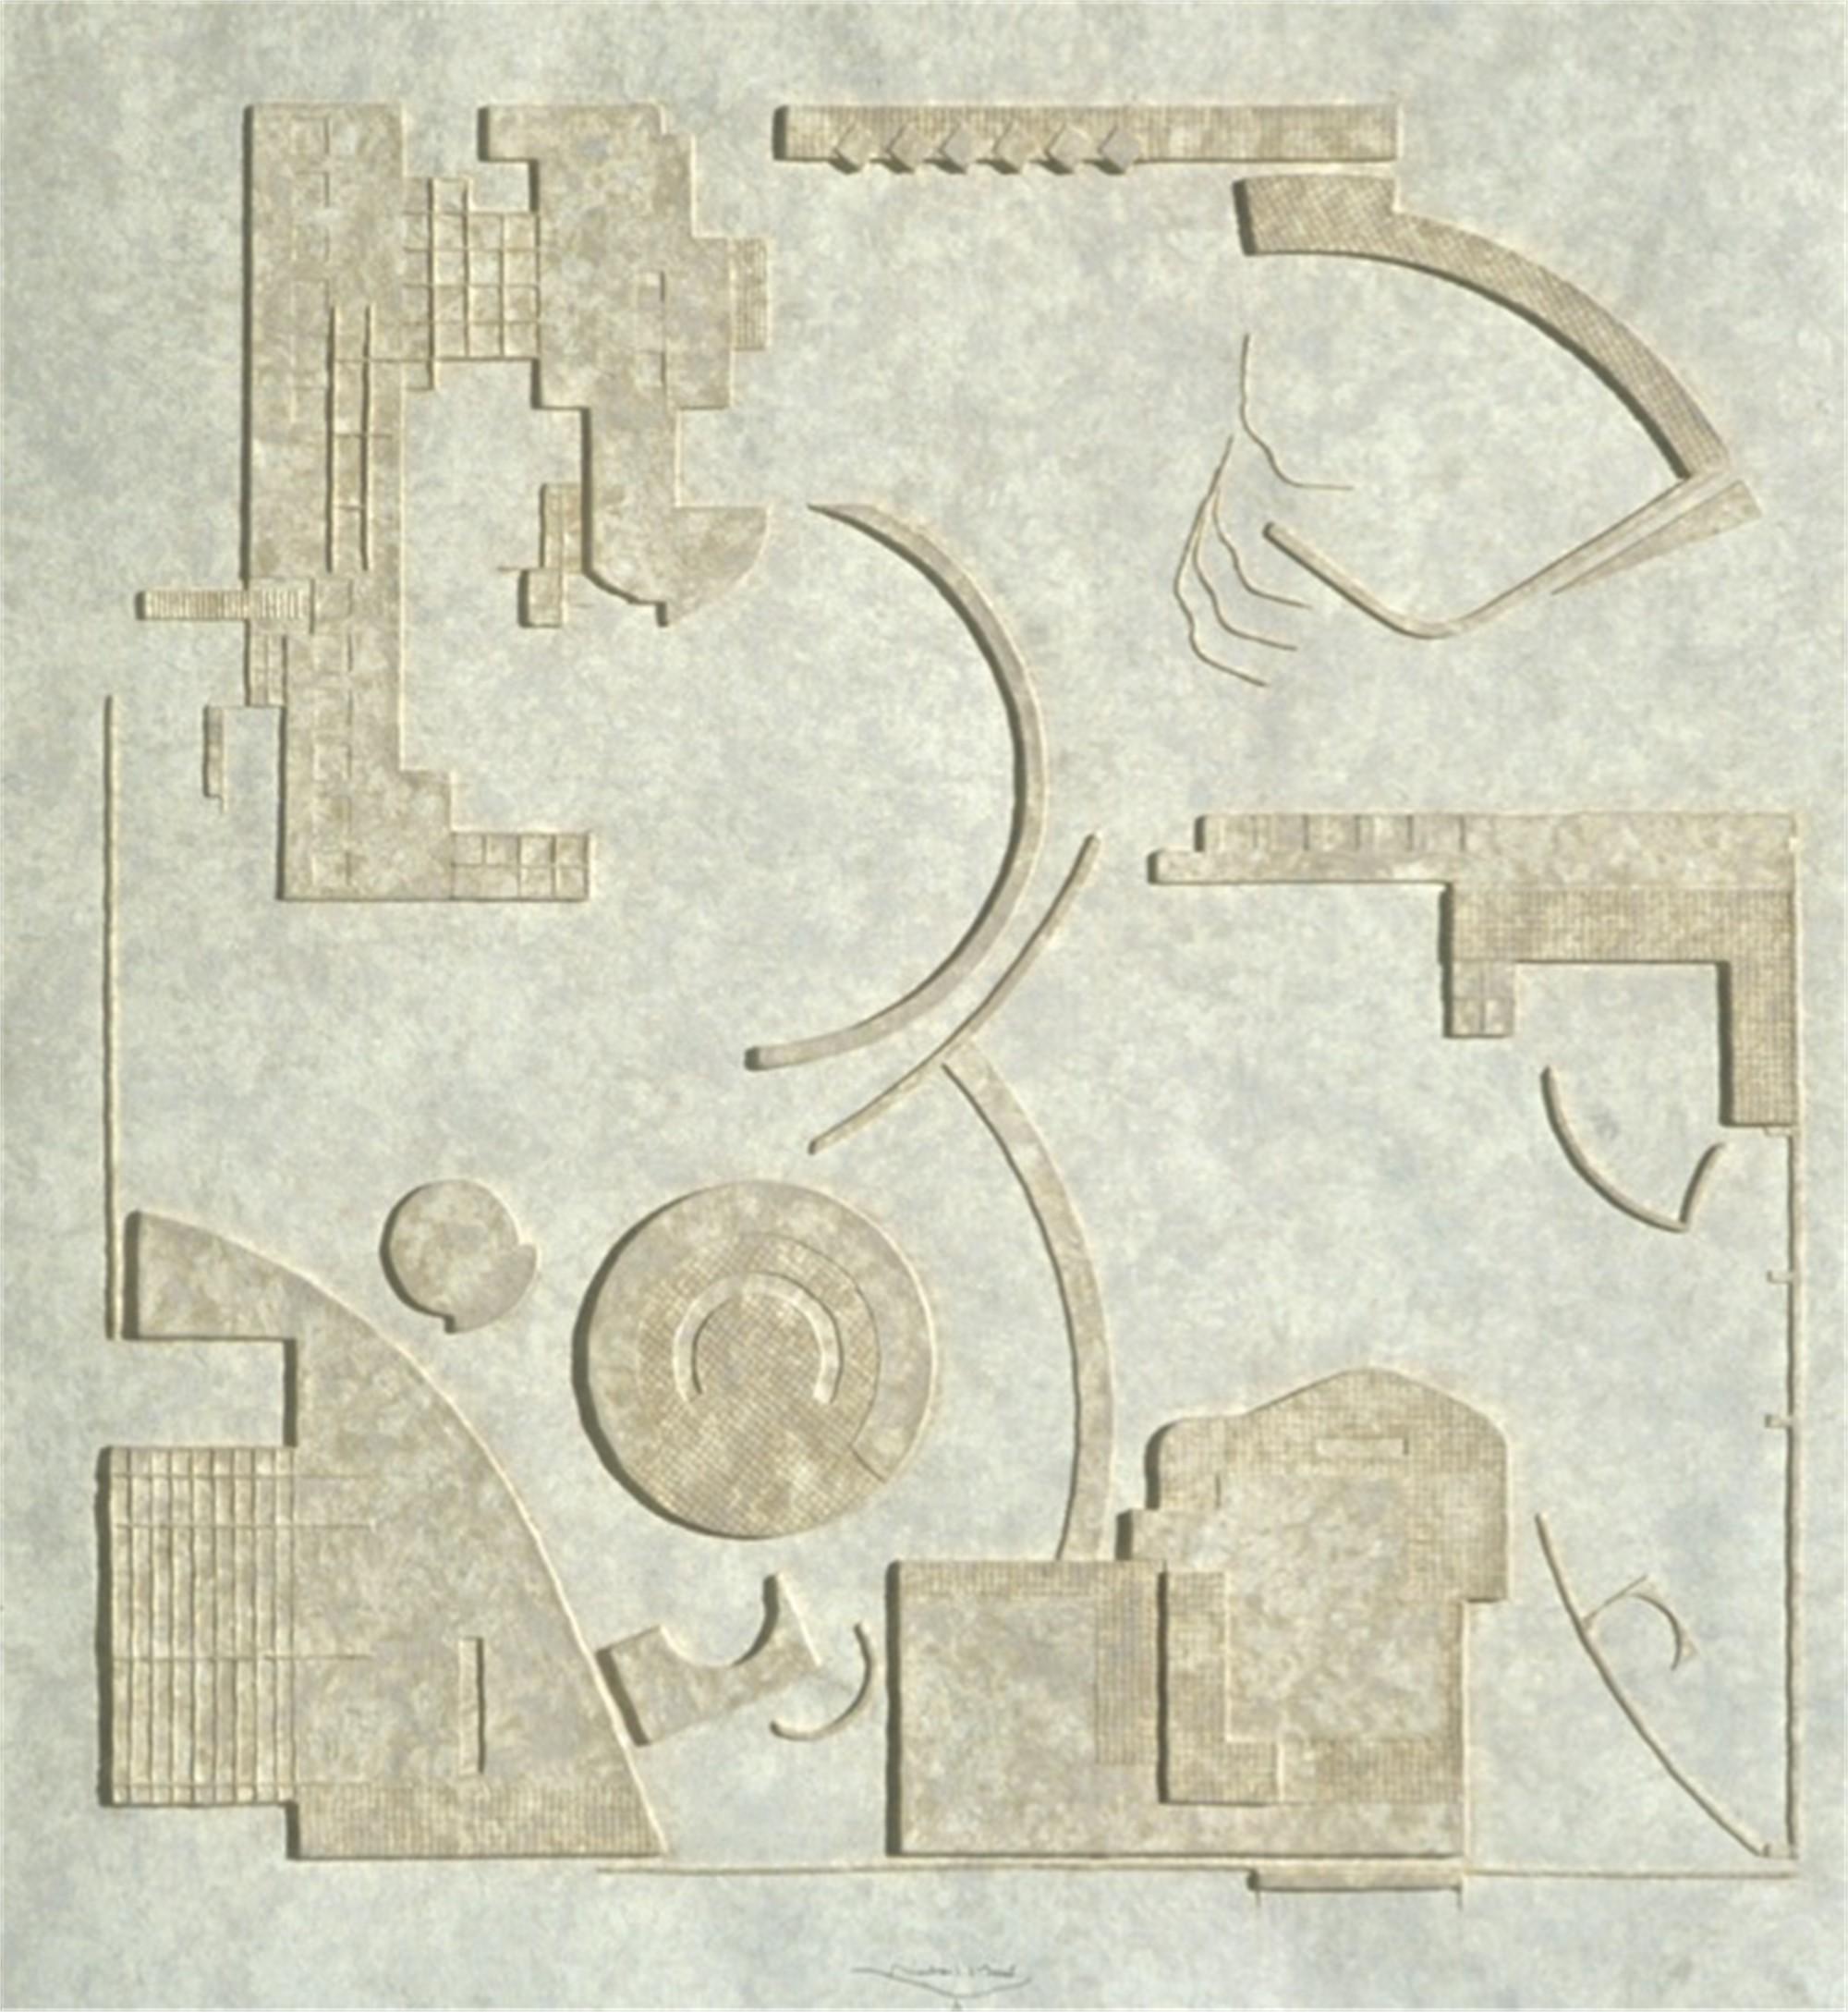 Getty-Series II by Richard Meier